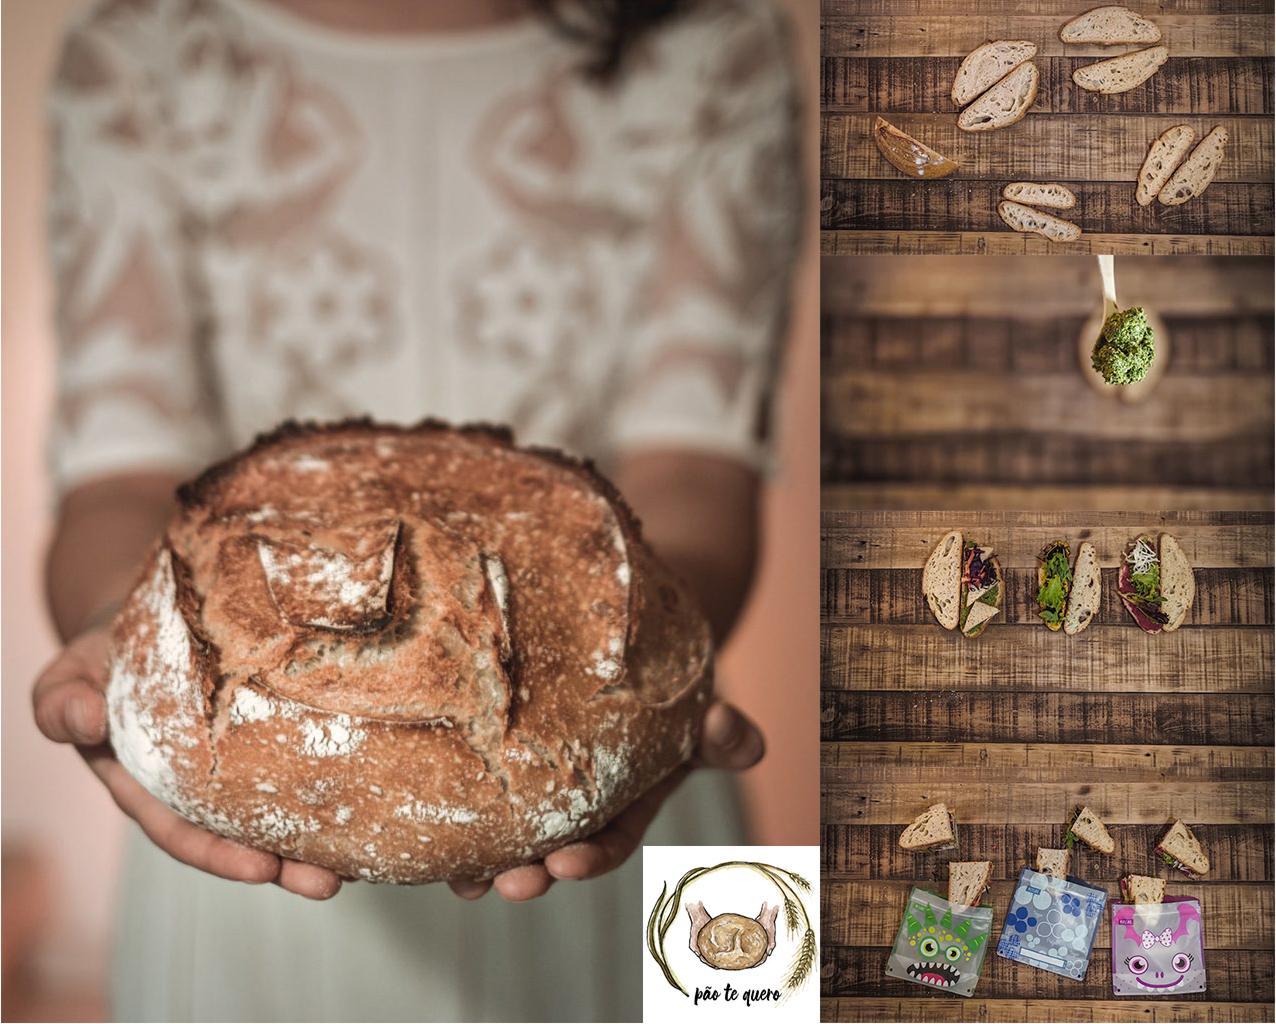 """2020 I PROJETO (de negócio) """"pão te quero"""" de CARINA MARTINHO COELHO"""